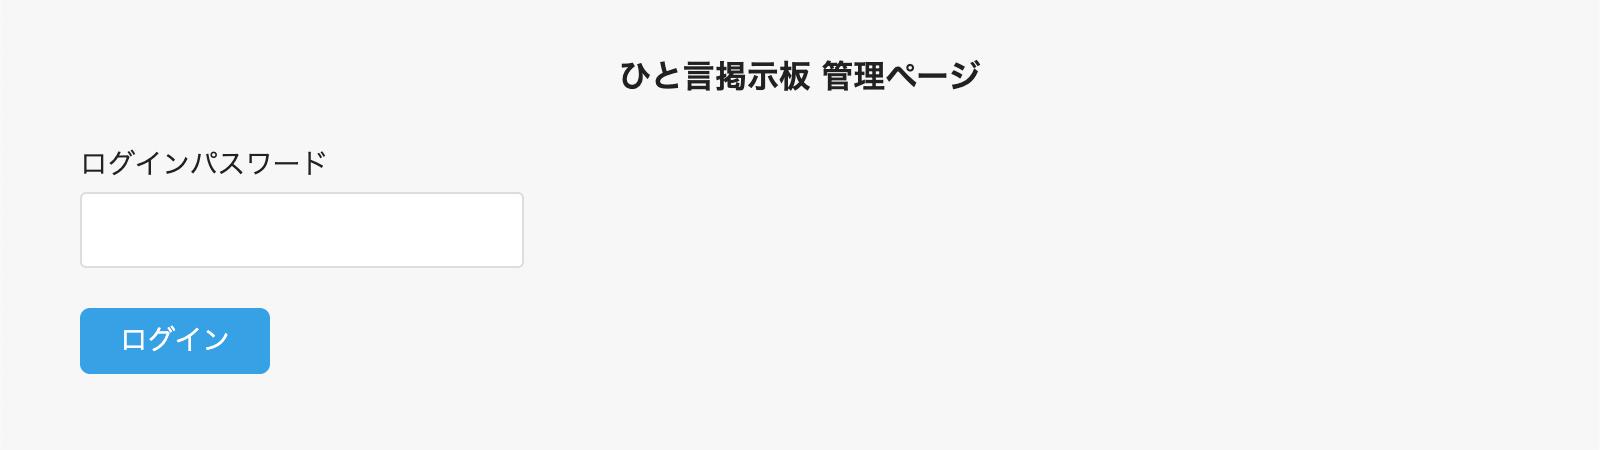 ログインページの表示例